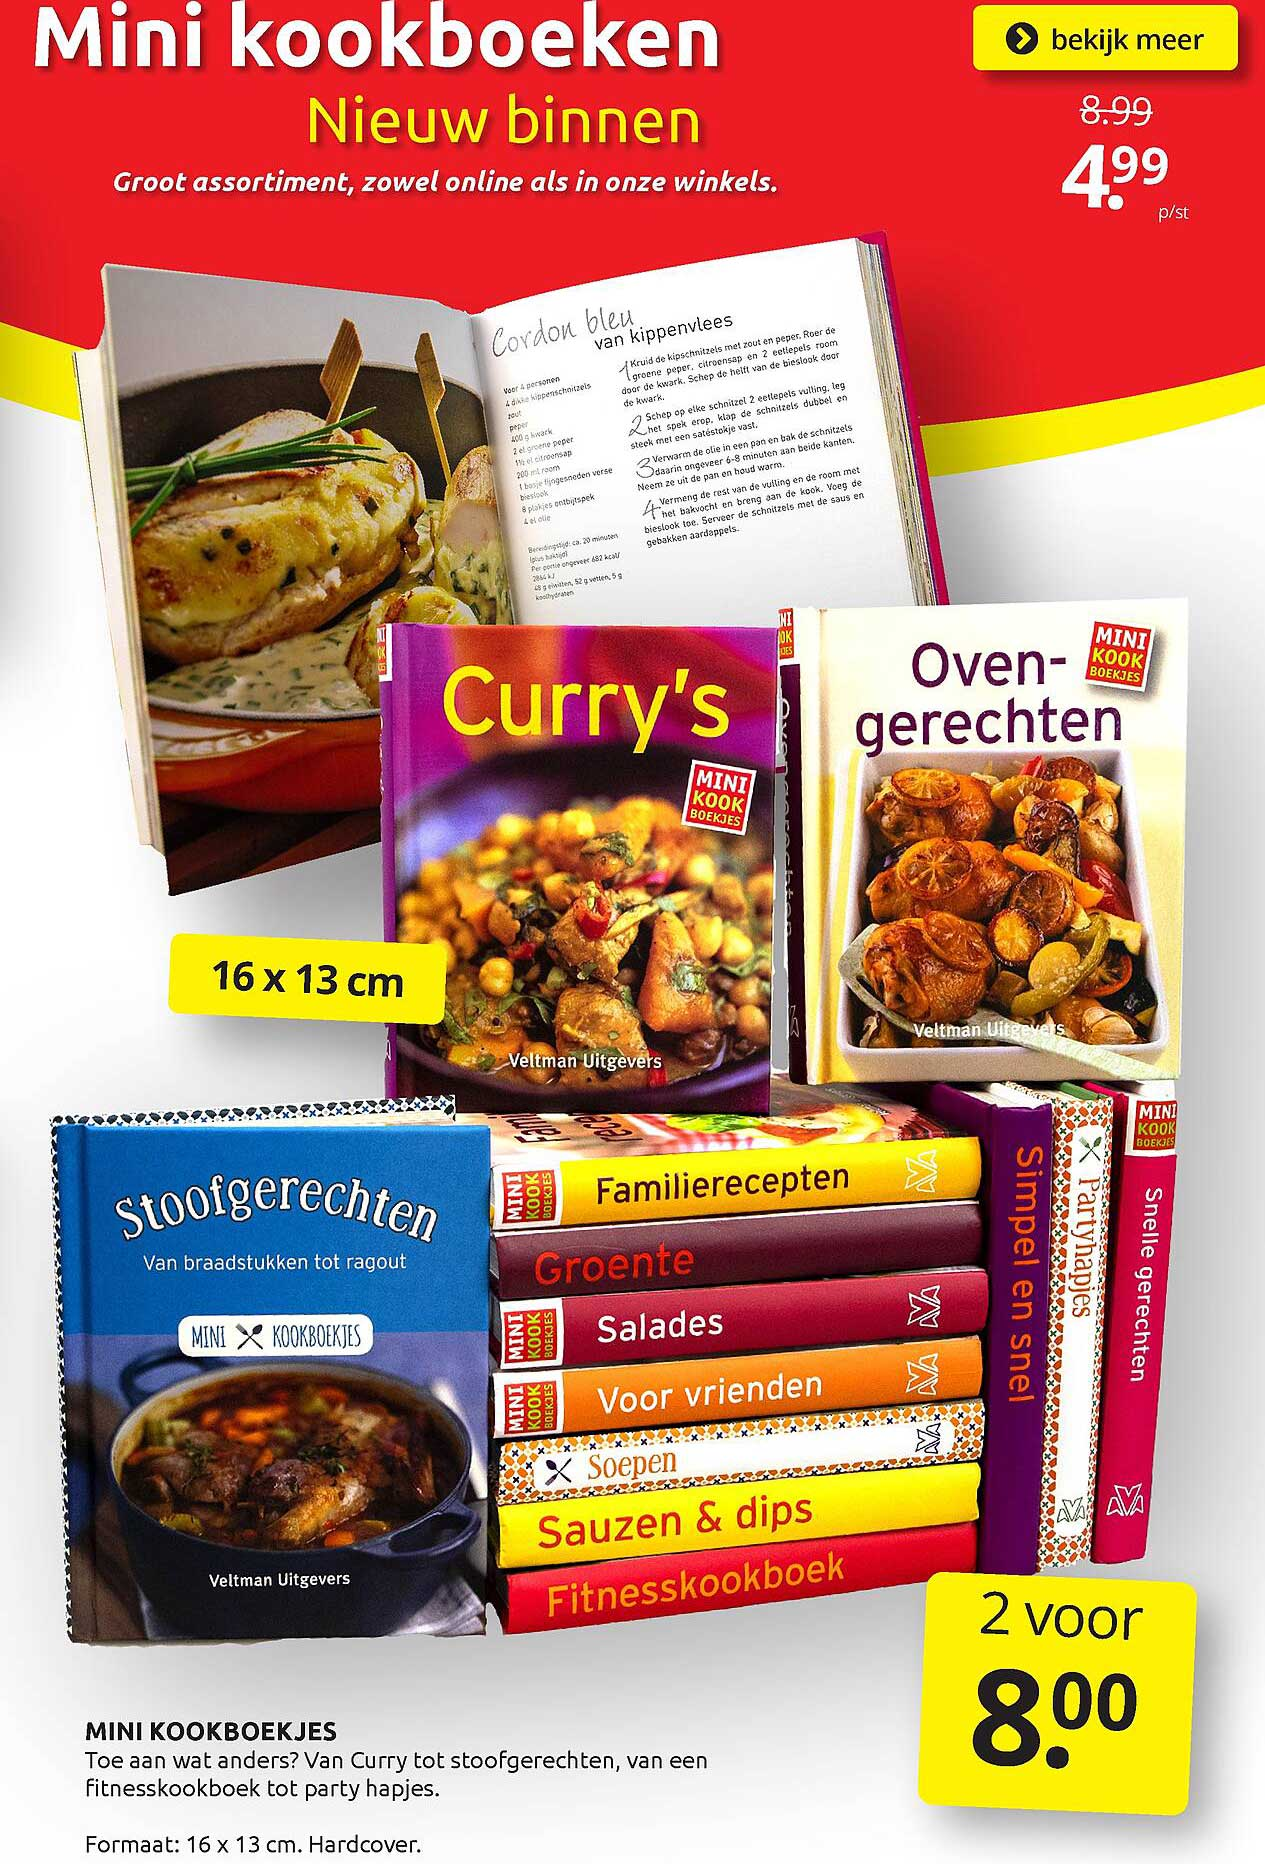 BoekenVoordeel Mini Kookboekjes